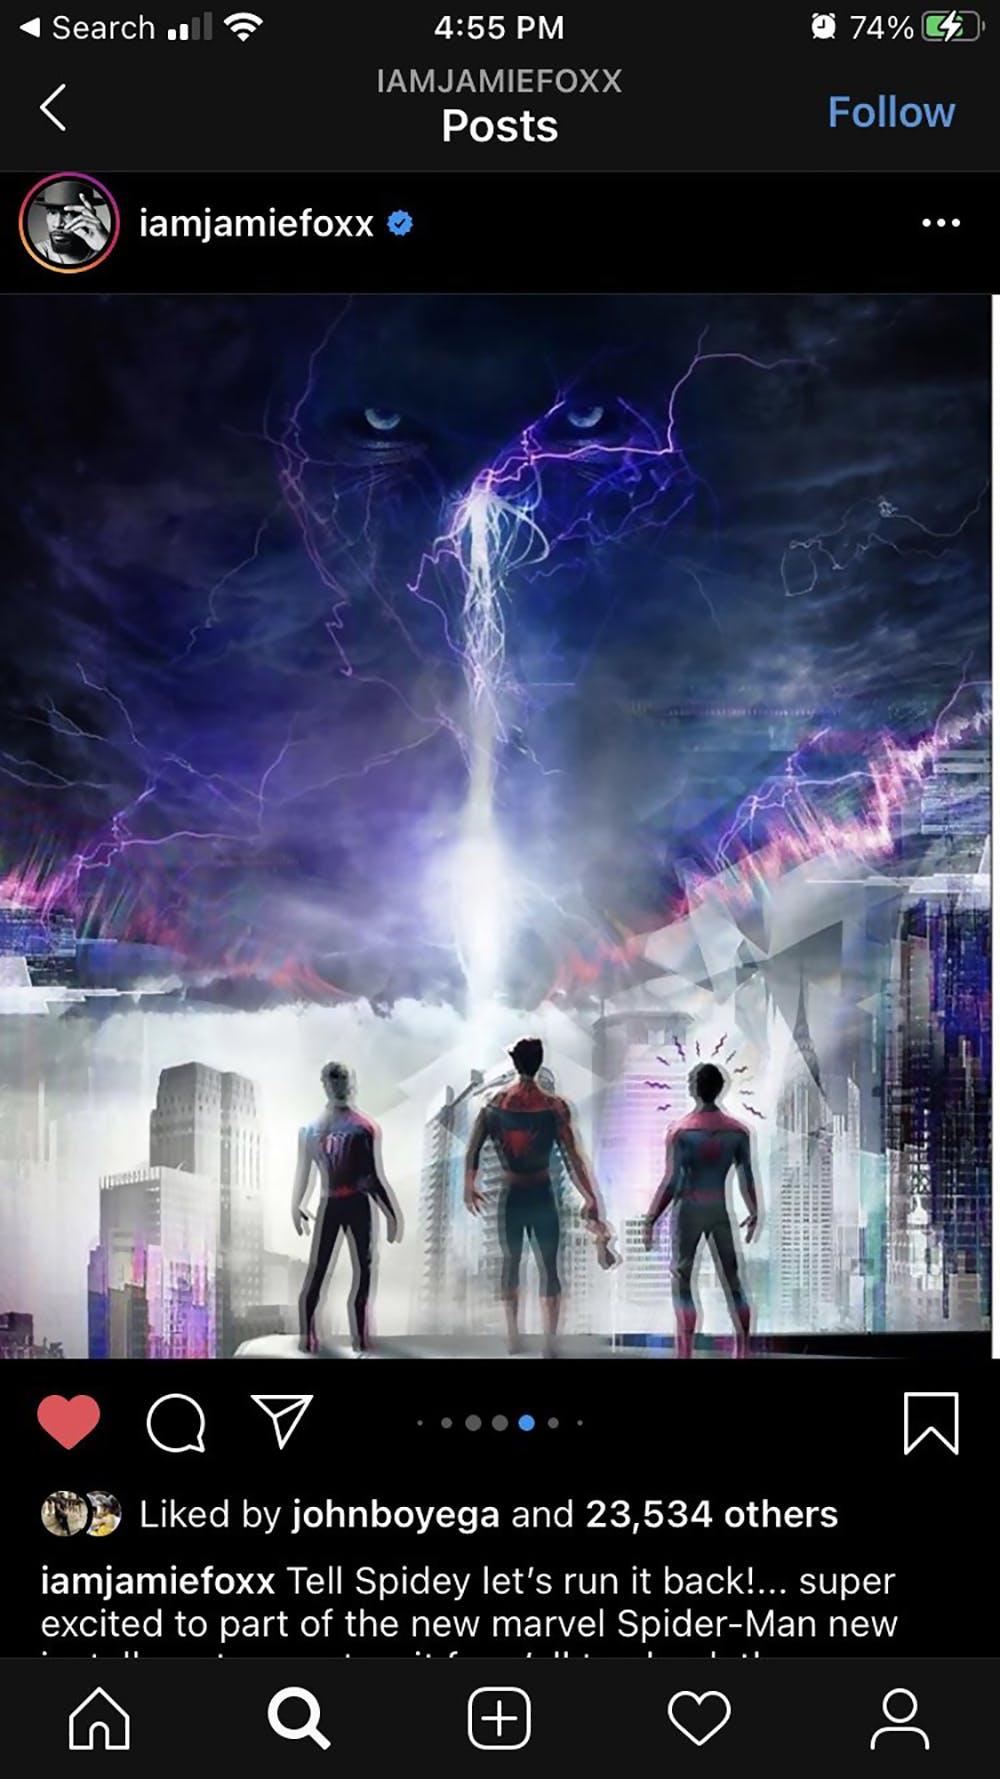 Disney aurait trouvé un accord pour faire apparaître les 3 acteurs Tobey Maguire, Andrew Garfield et Tom Holland